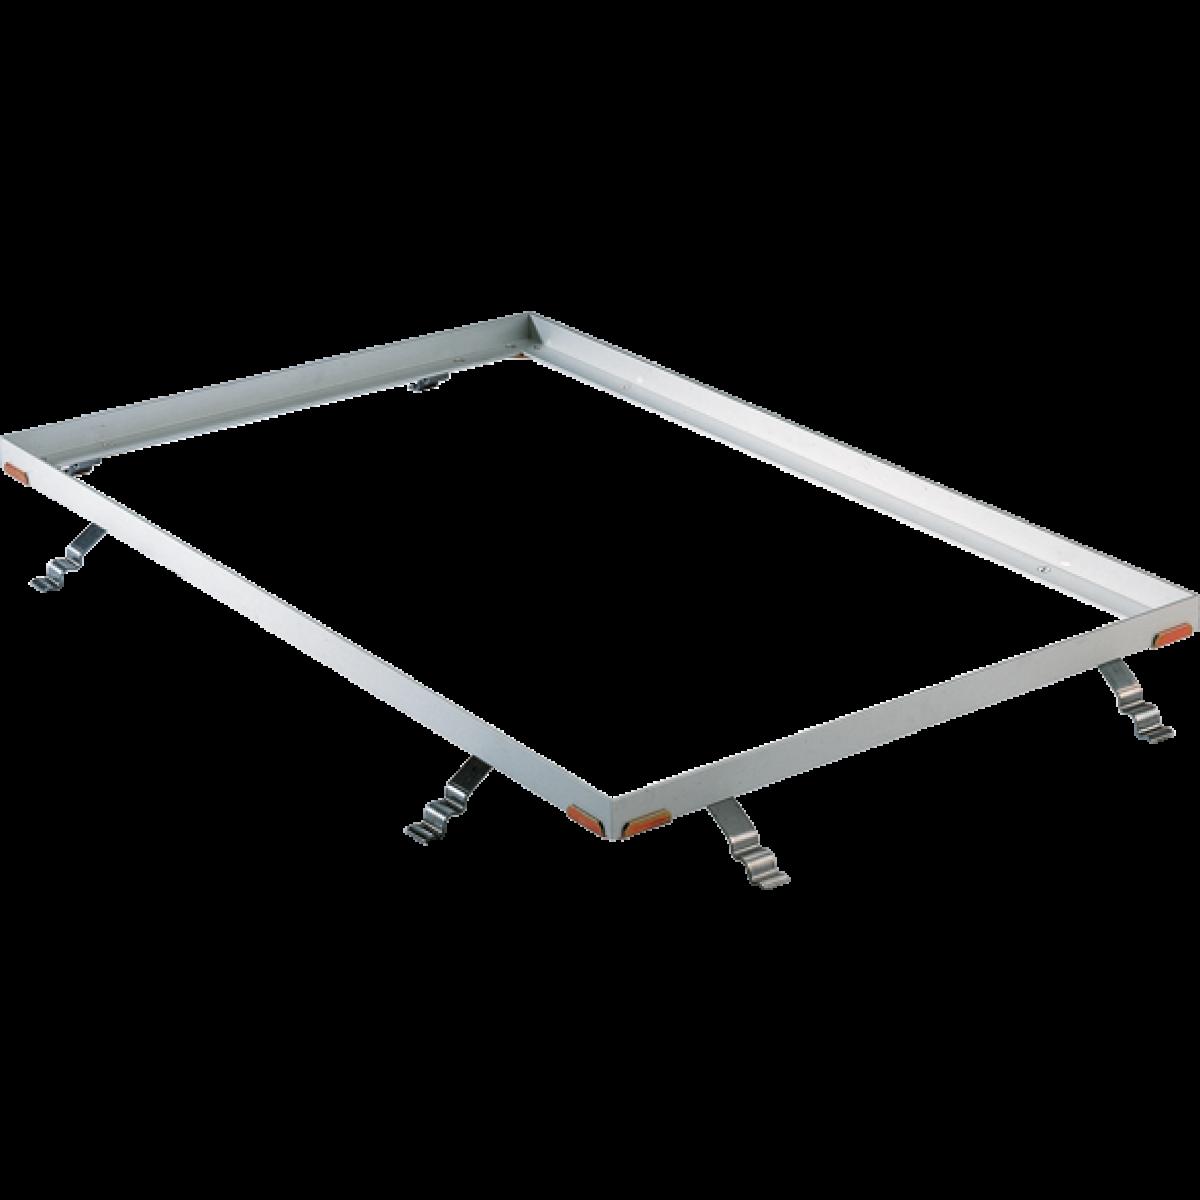 Aluminium-Profil 47,5/35/4,5 mm für Reinstreifer